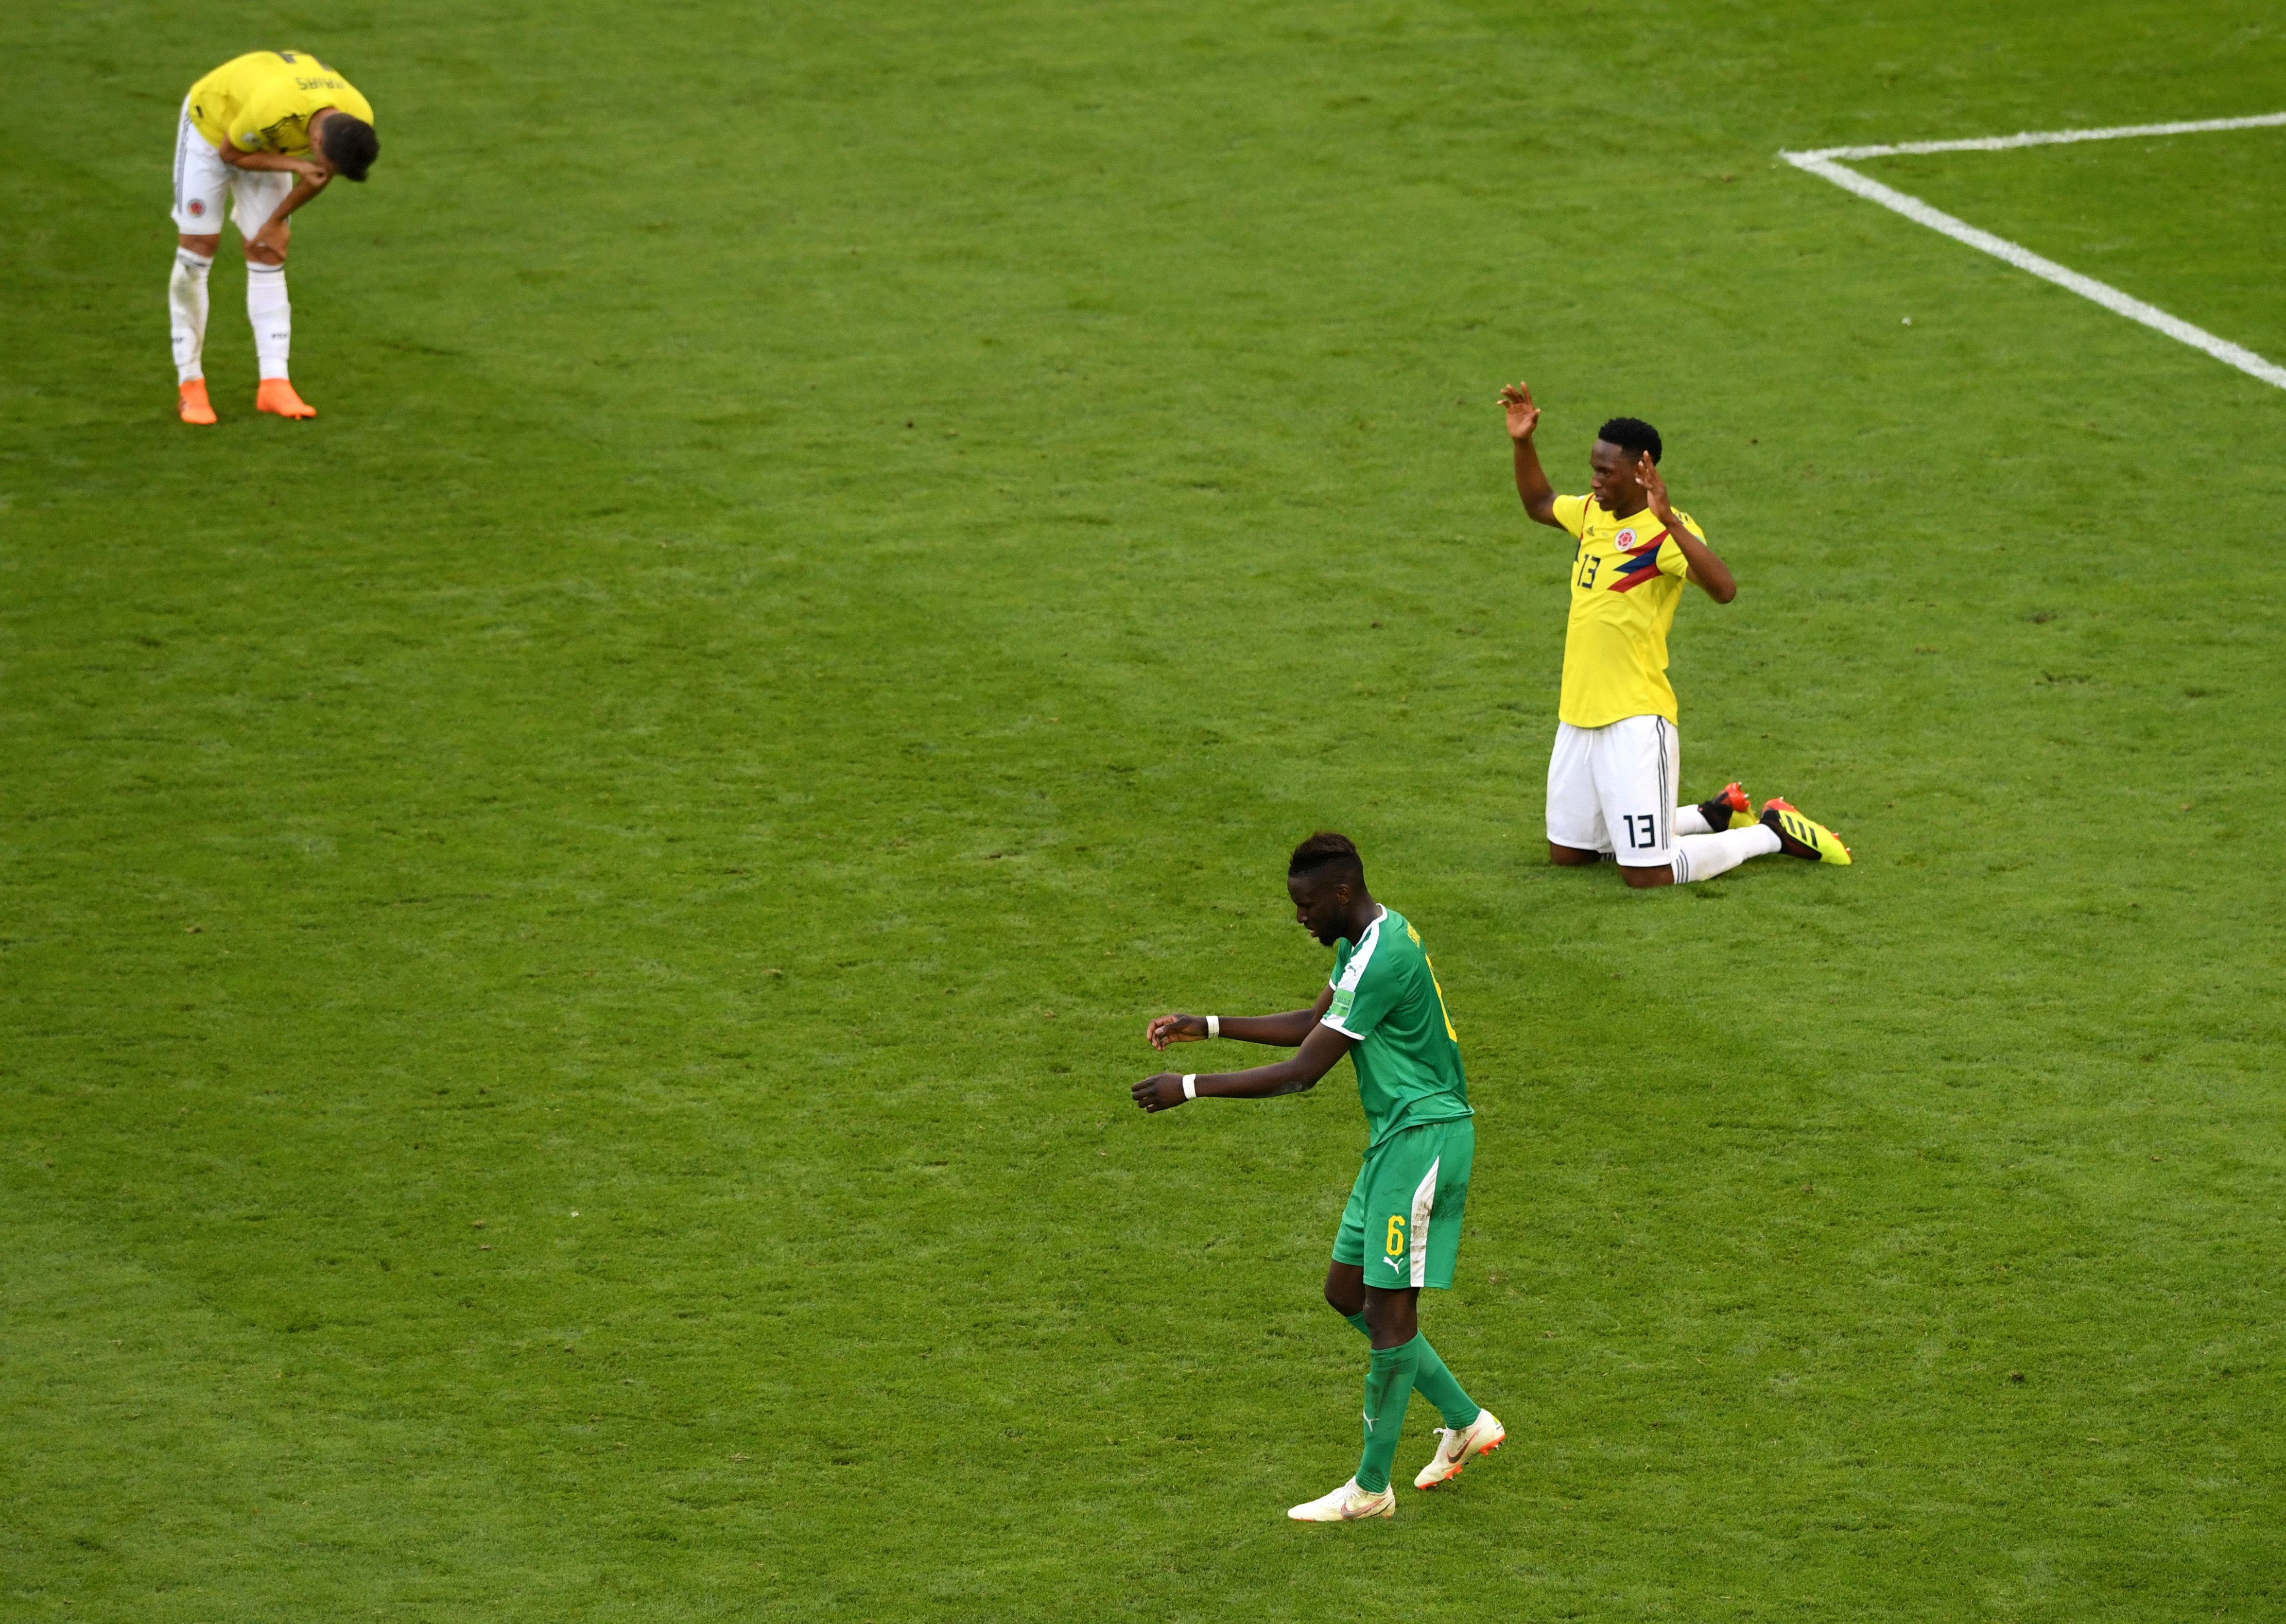 Le Sénégal éliminé de la Coupe du monde à cause des cartons jaunes, une